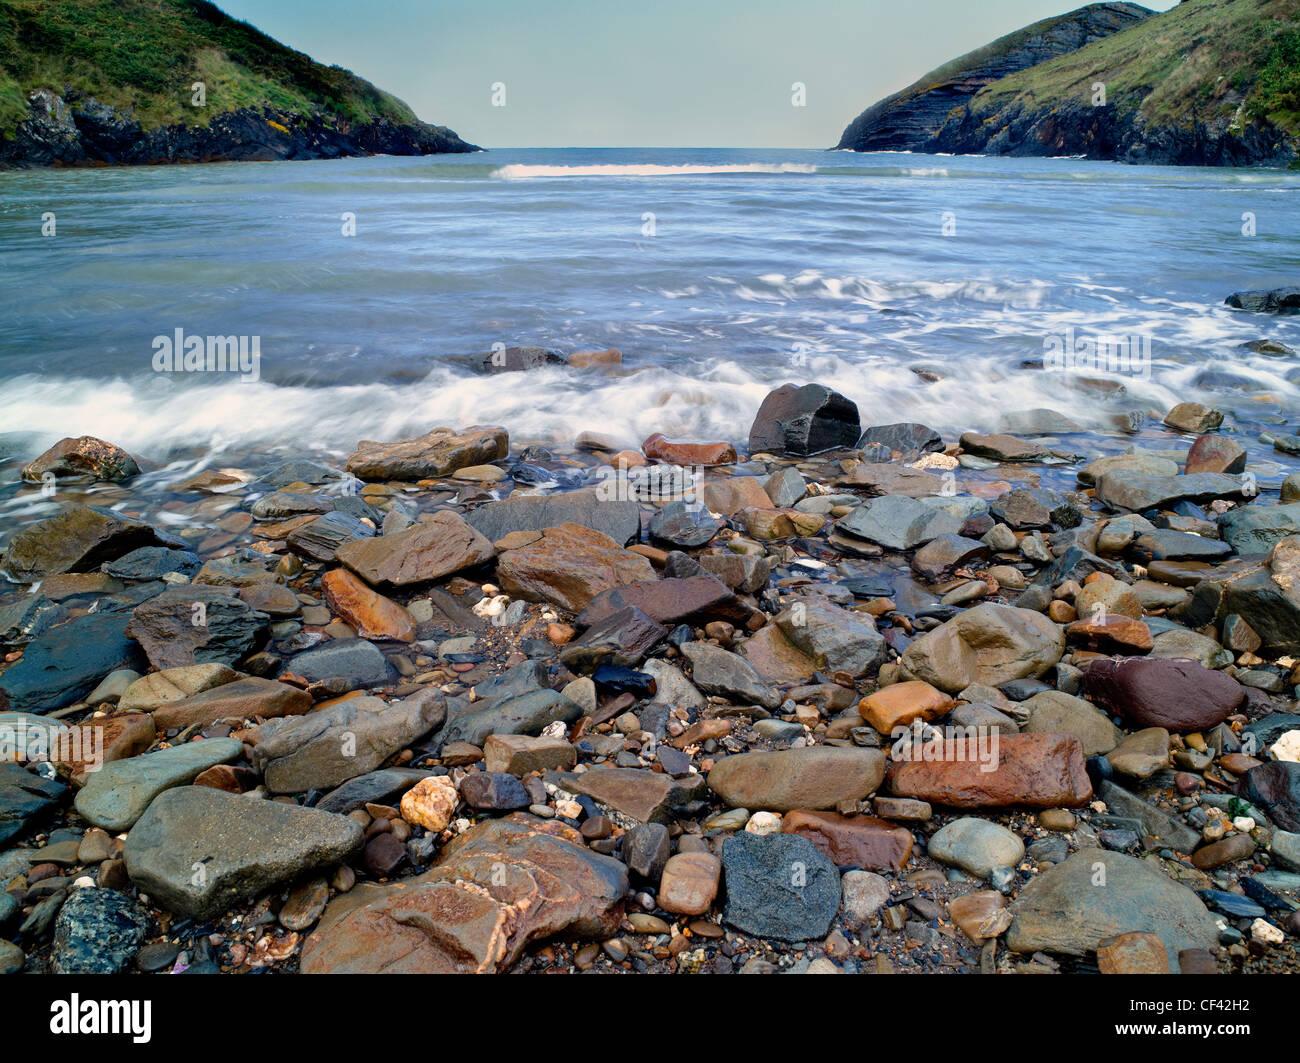 Vista a través de guijarro sembrado Ceibwr Bay hacia el Mar de Irlanda. Foto de stock